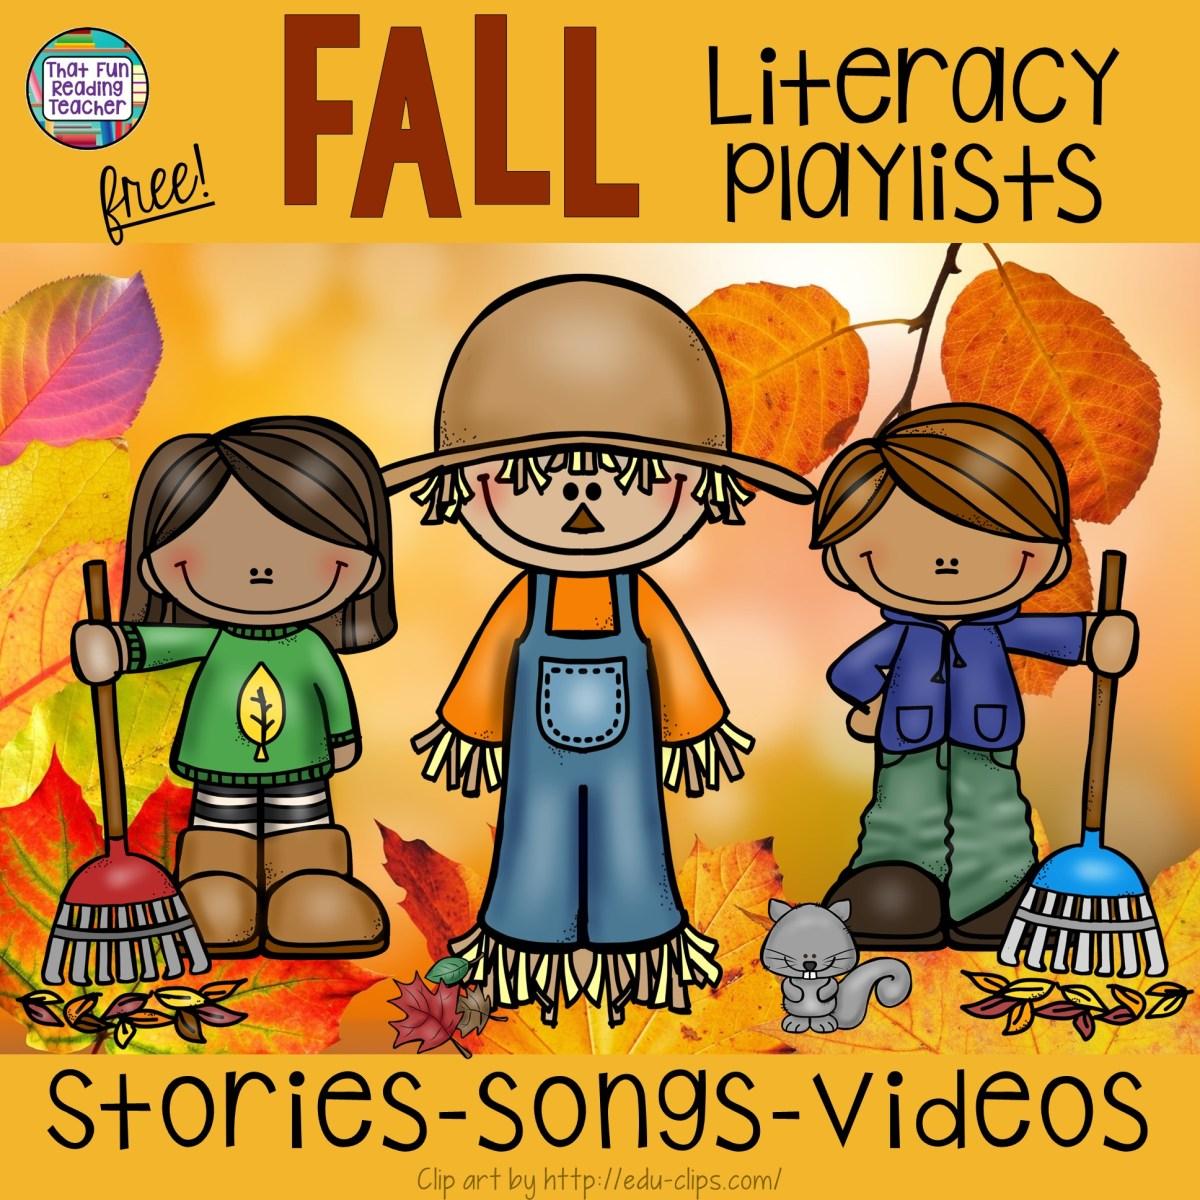 Fall Literacy Playlists - Free!